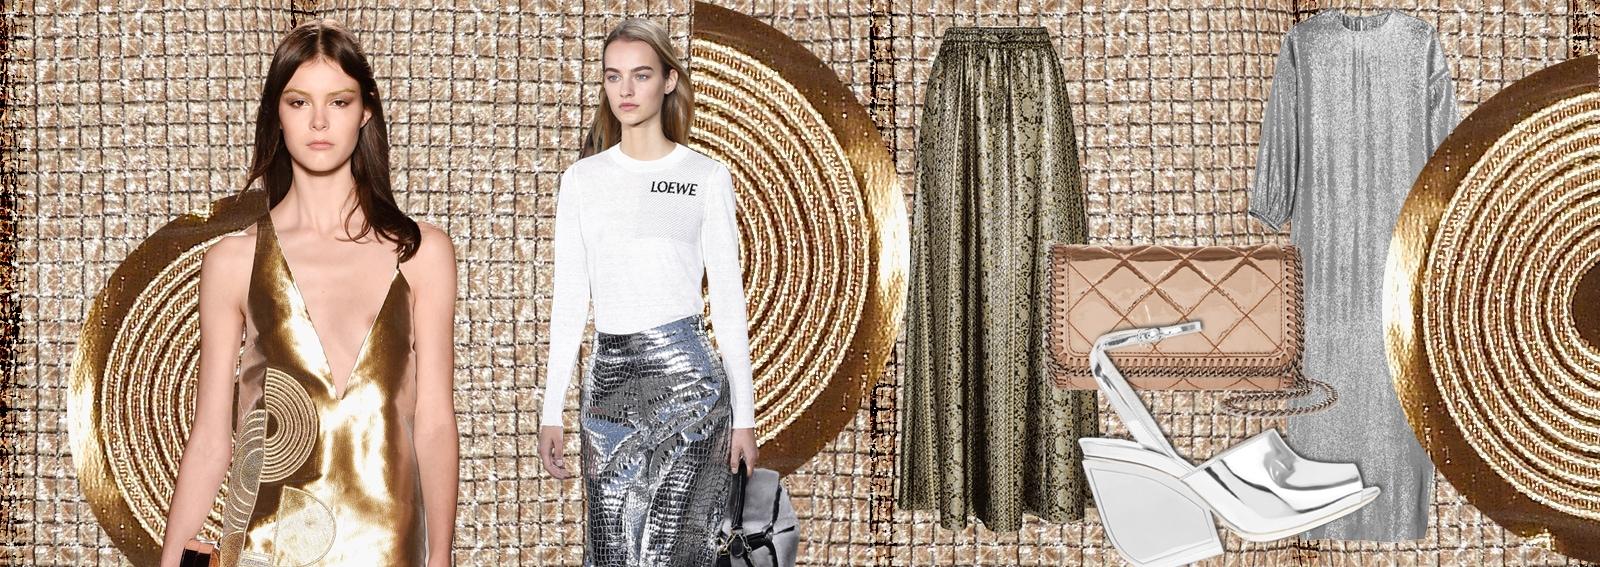 cover silver & gold la tendenza metallizzata dekstop